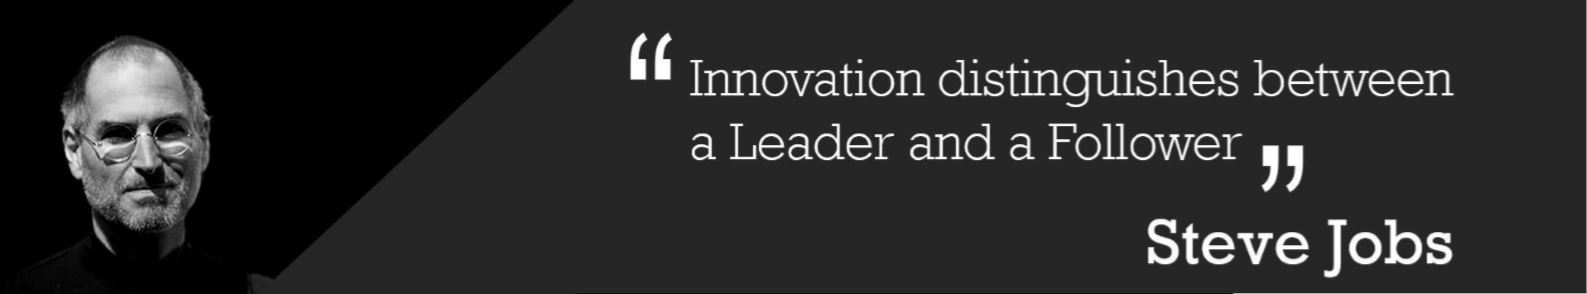 Innovation - Steve Jobs.JPG